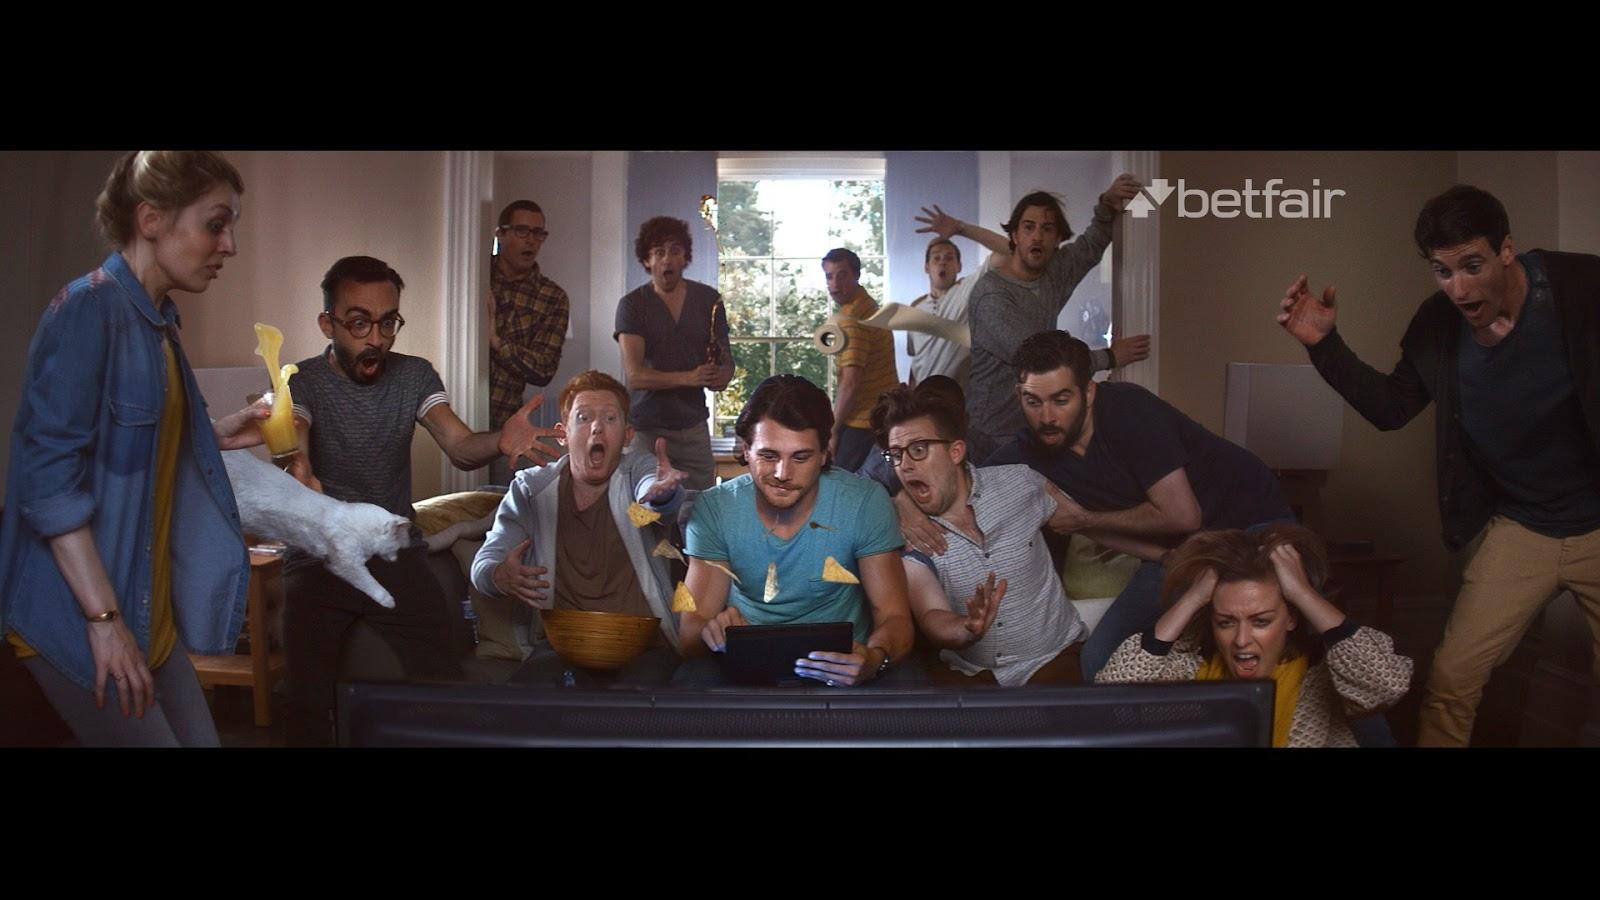 Ecco un estratto dello spot proposto da Betfair Italia in TV